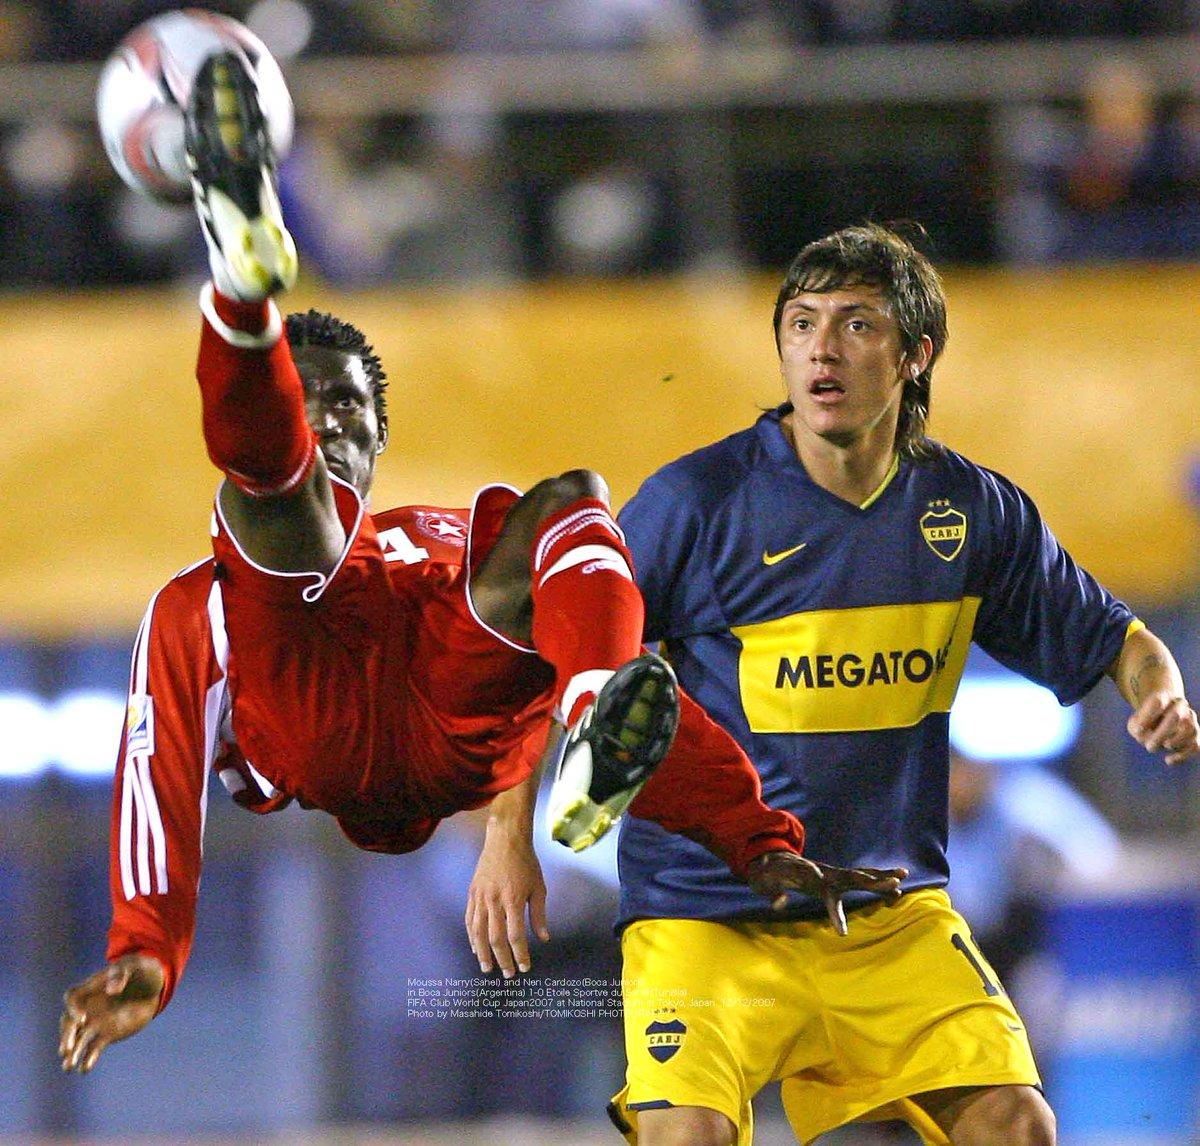 Moussa Narrysahel And Neri Cardozoboca Juniors In Boca